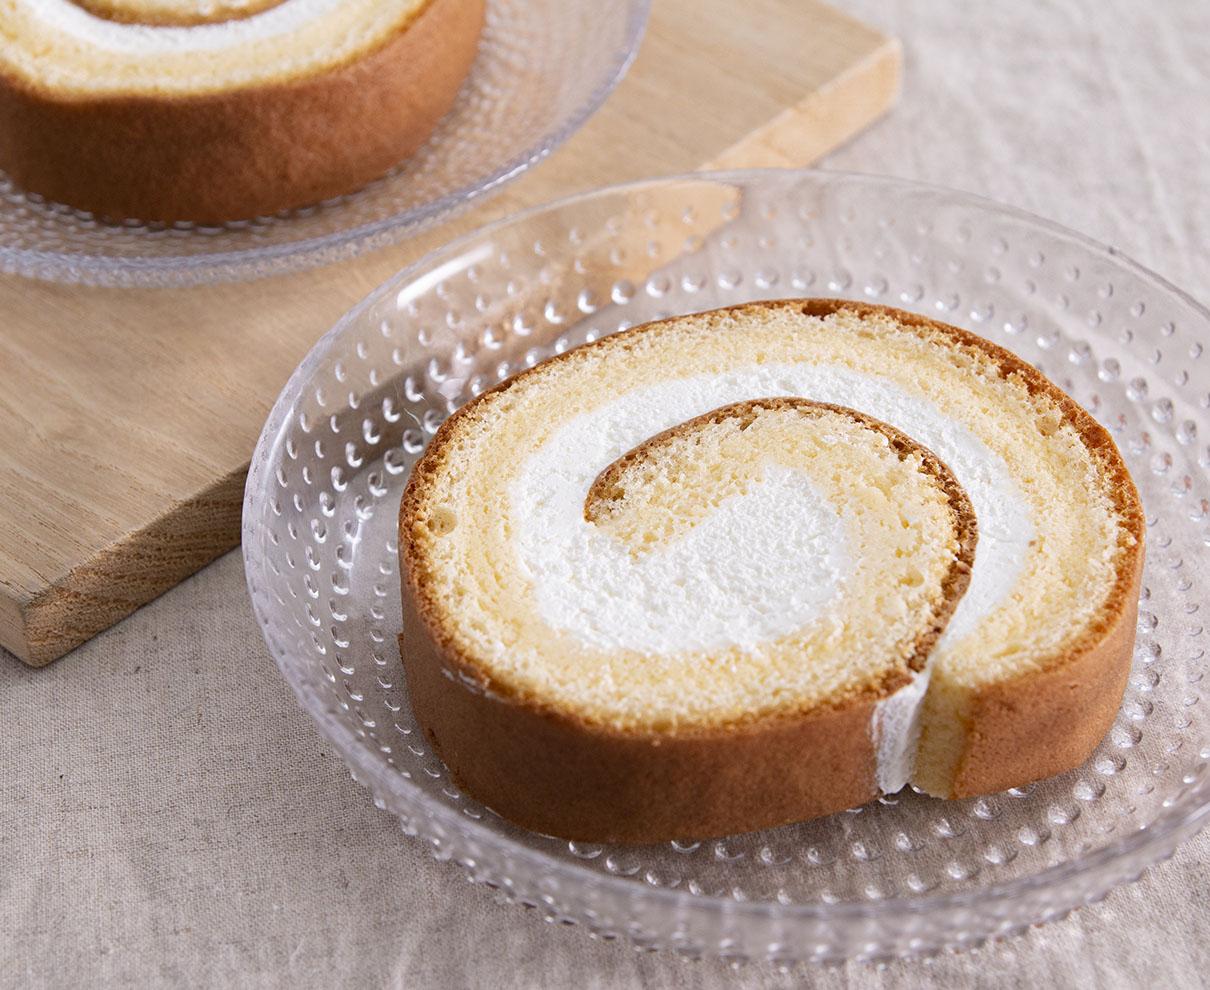 今日のおやつは、ケーキあとりえChihiroのちひろーる♪